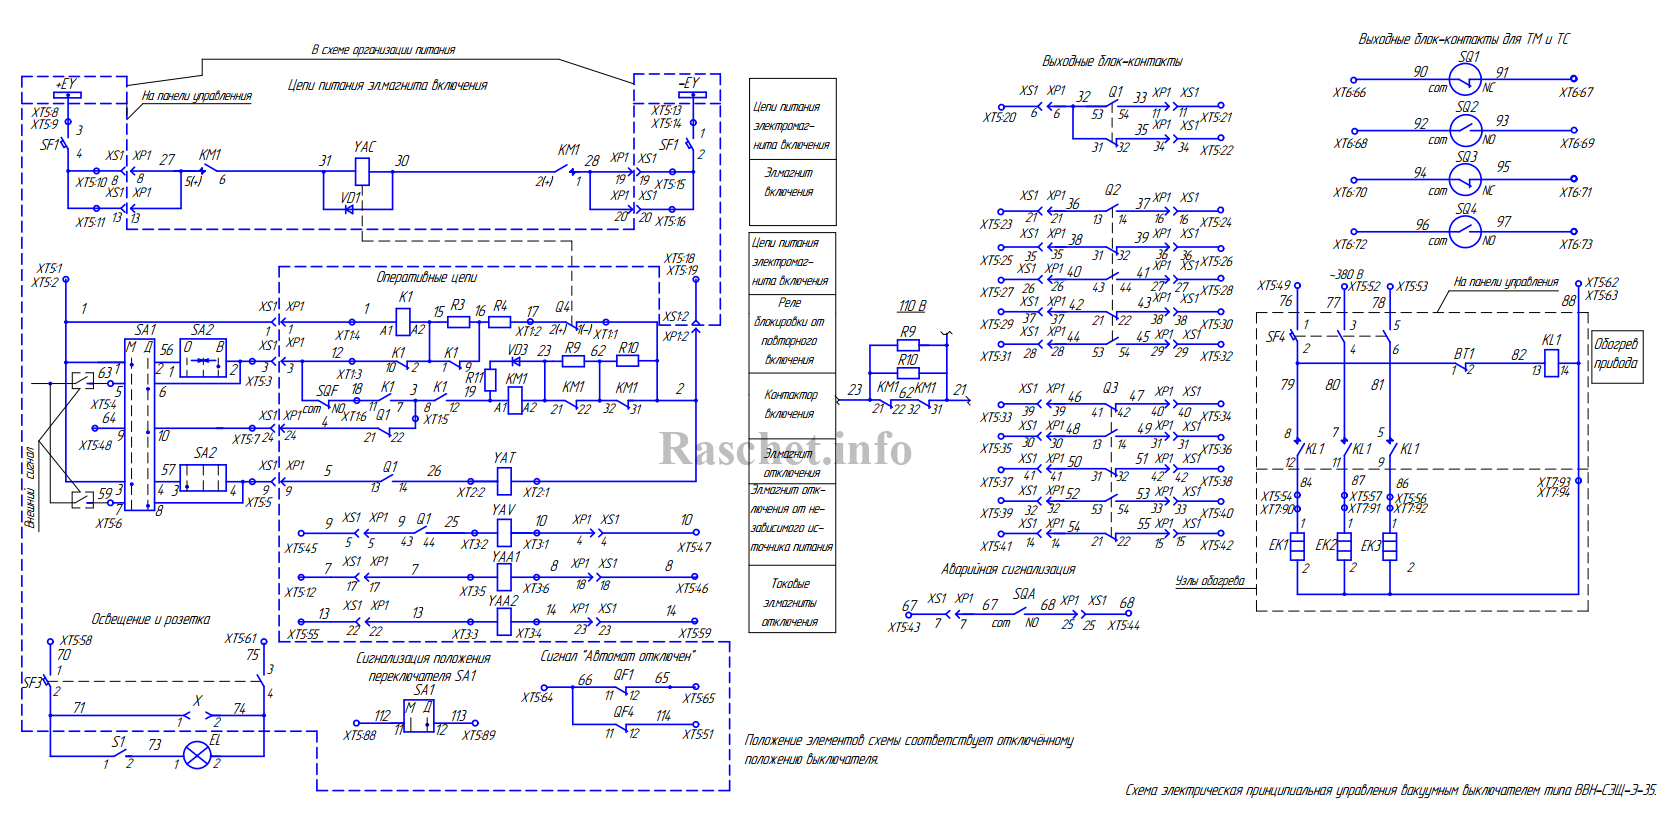 Схема привода выключателя ВВН-СЭЩ-Э-35 в руководстве 2ГК.256.050-08 РЭ Приложение Б